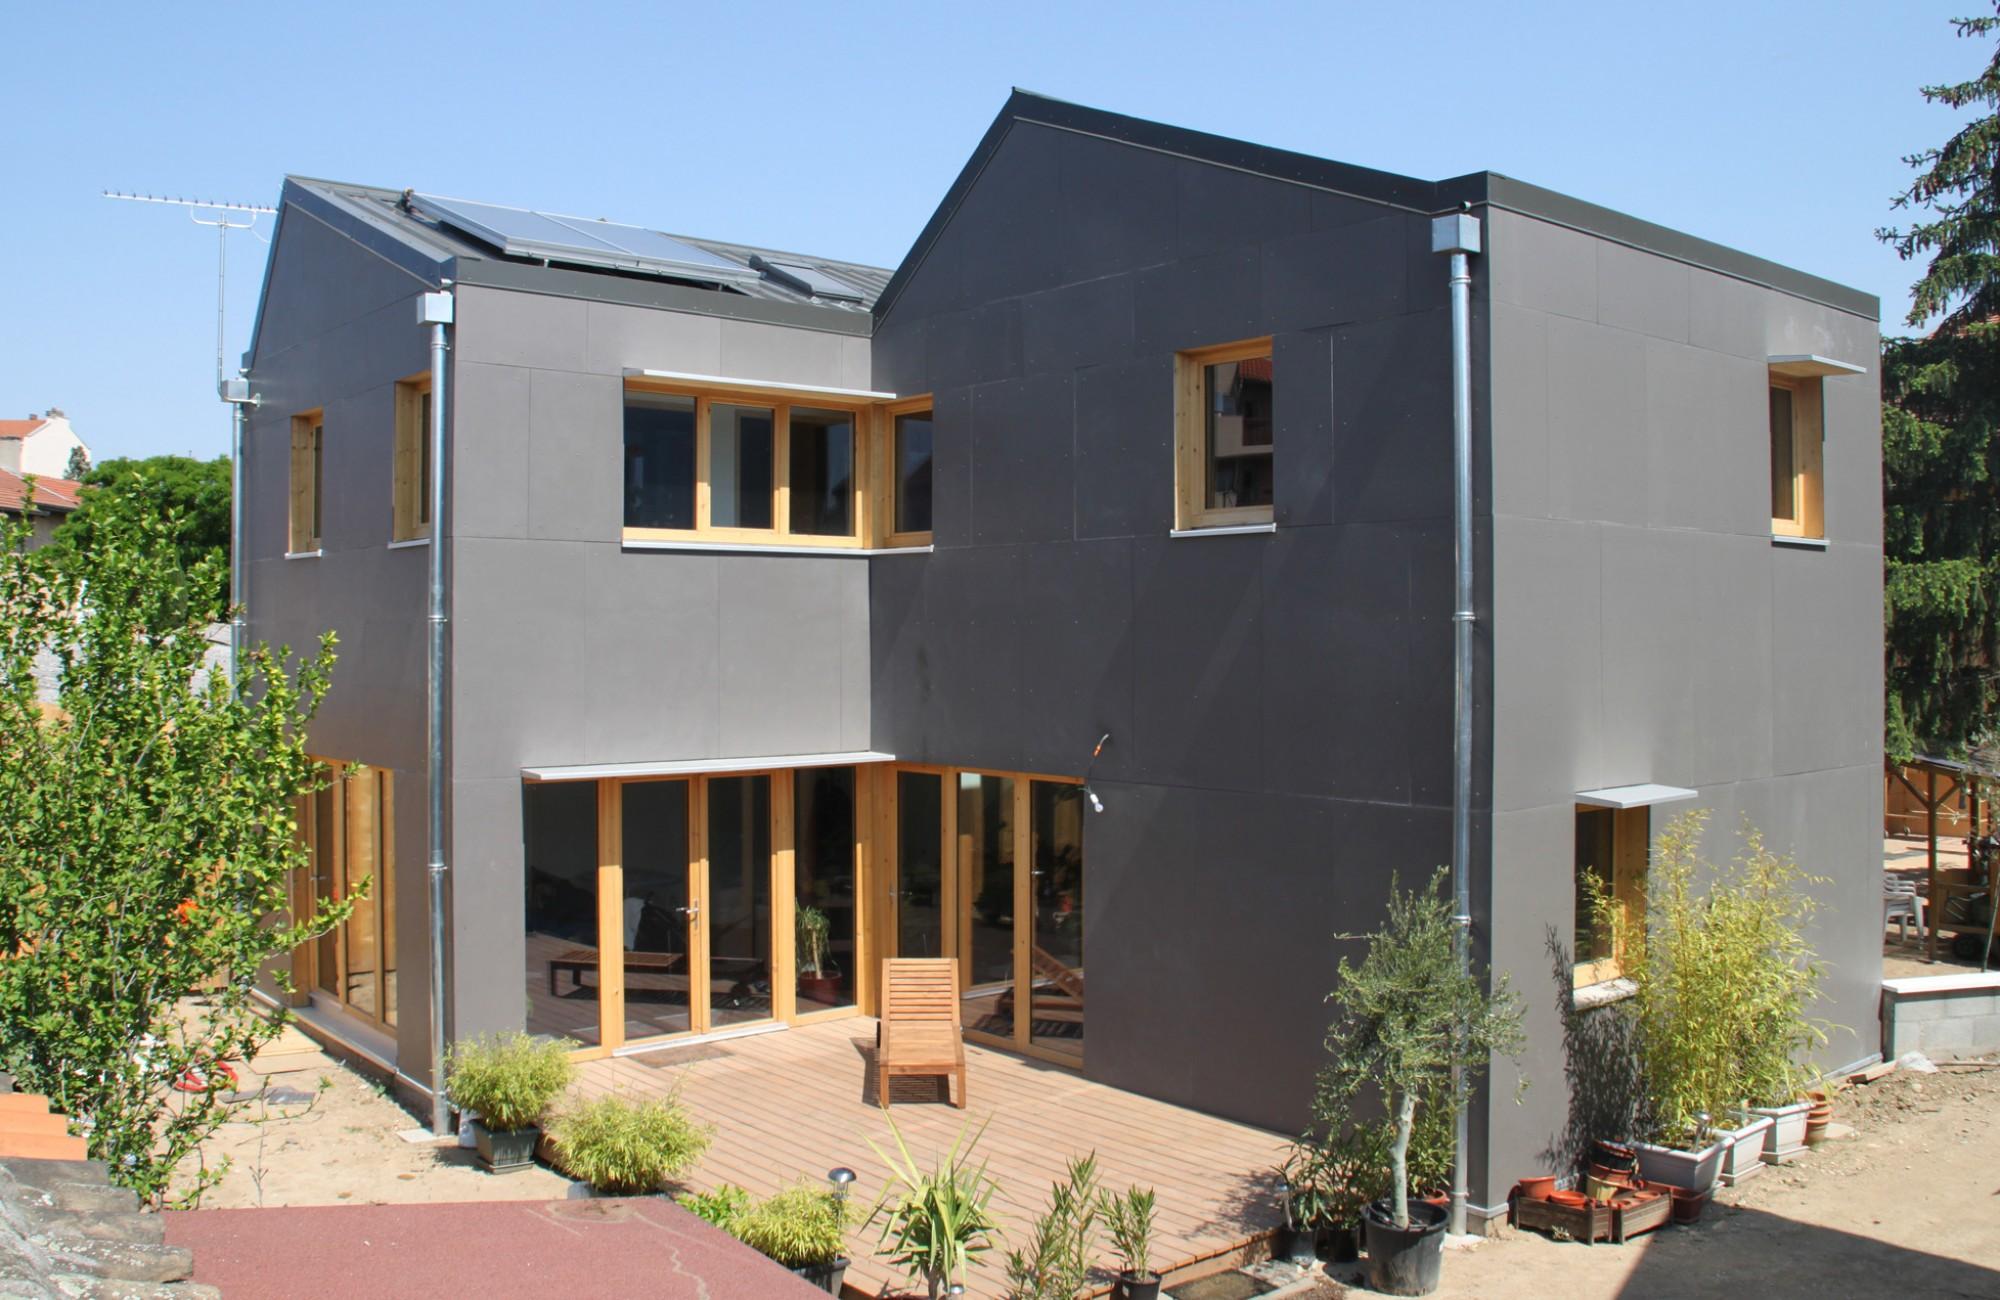 Constructeur maison lyon maison moderne for Constructeur piscine lyon